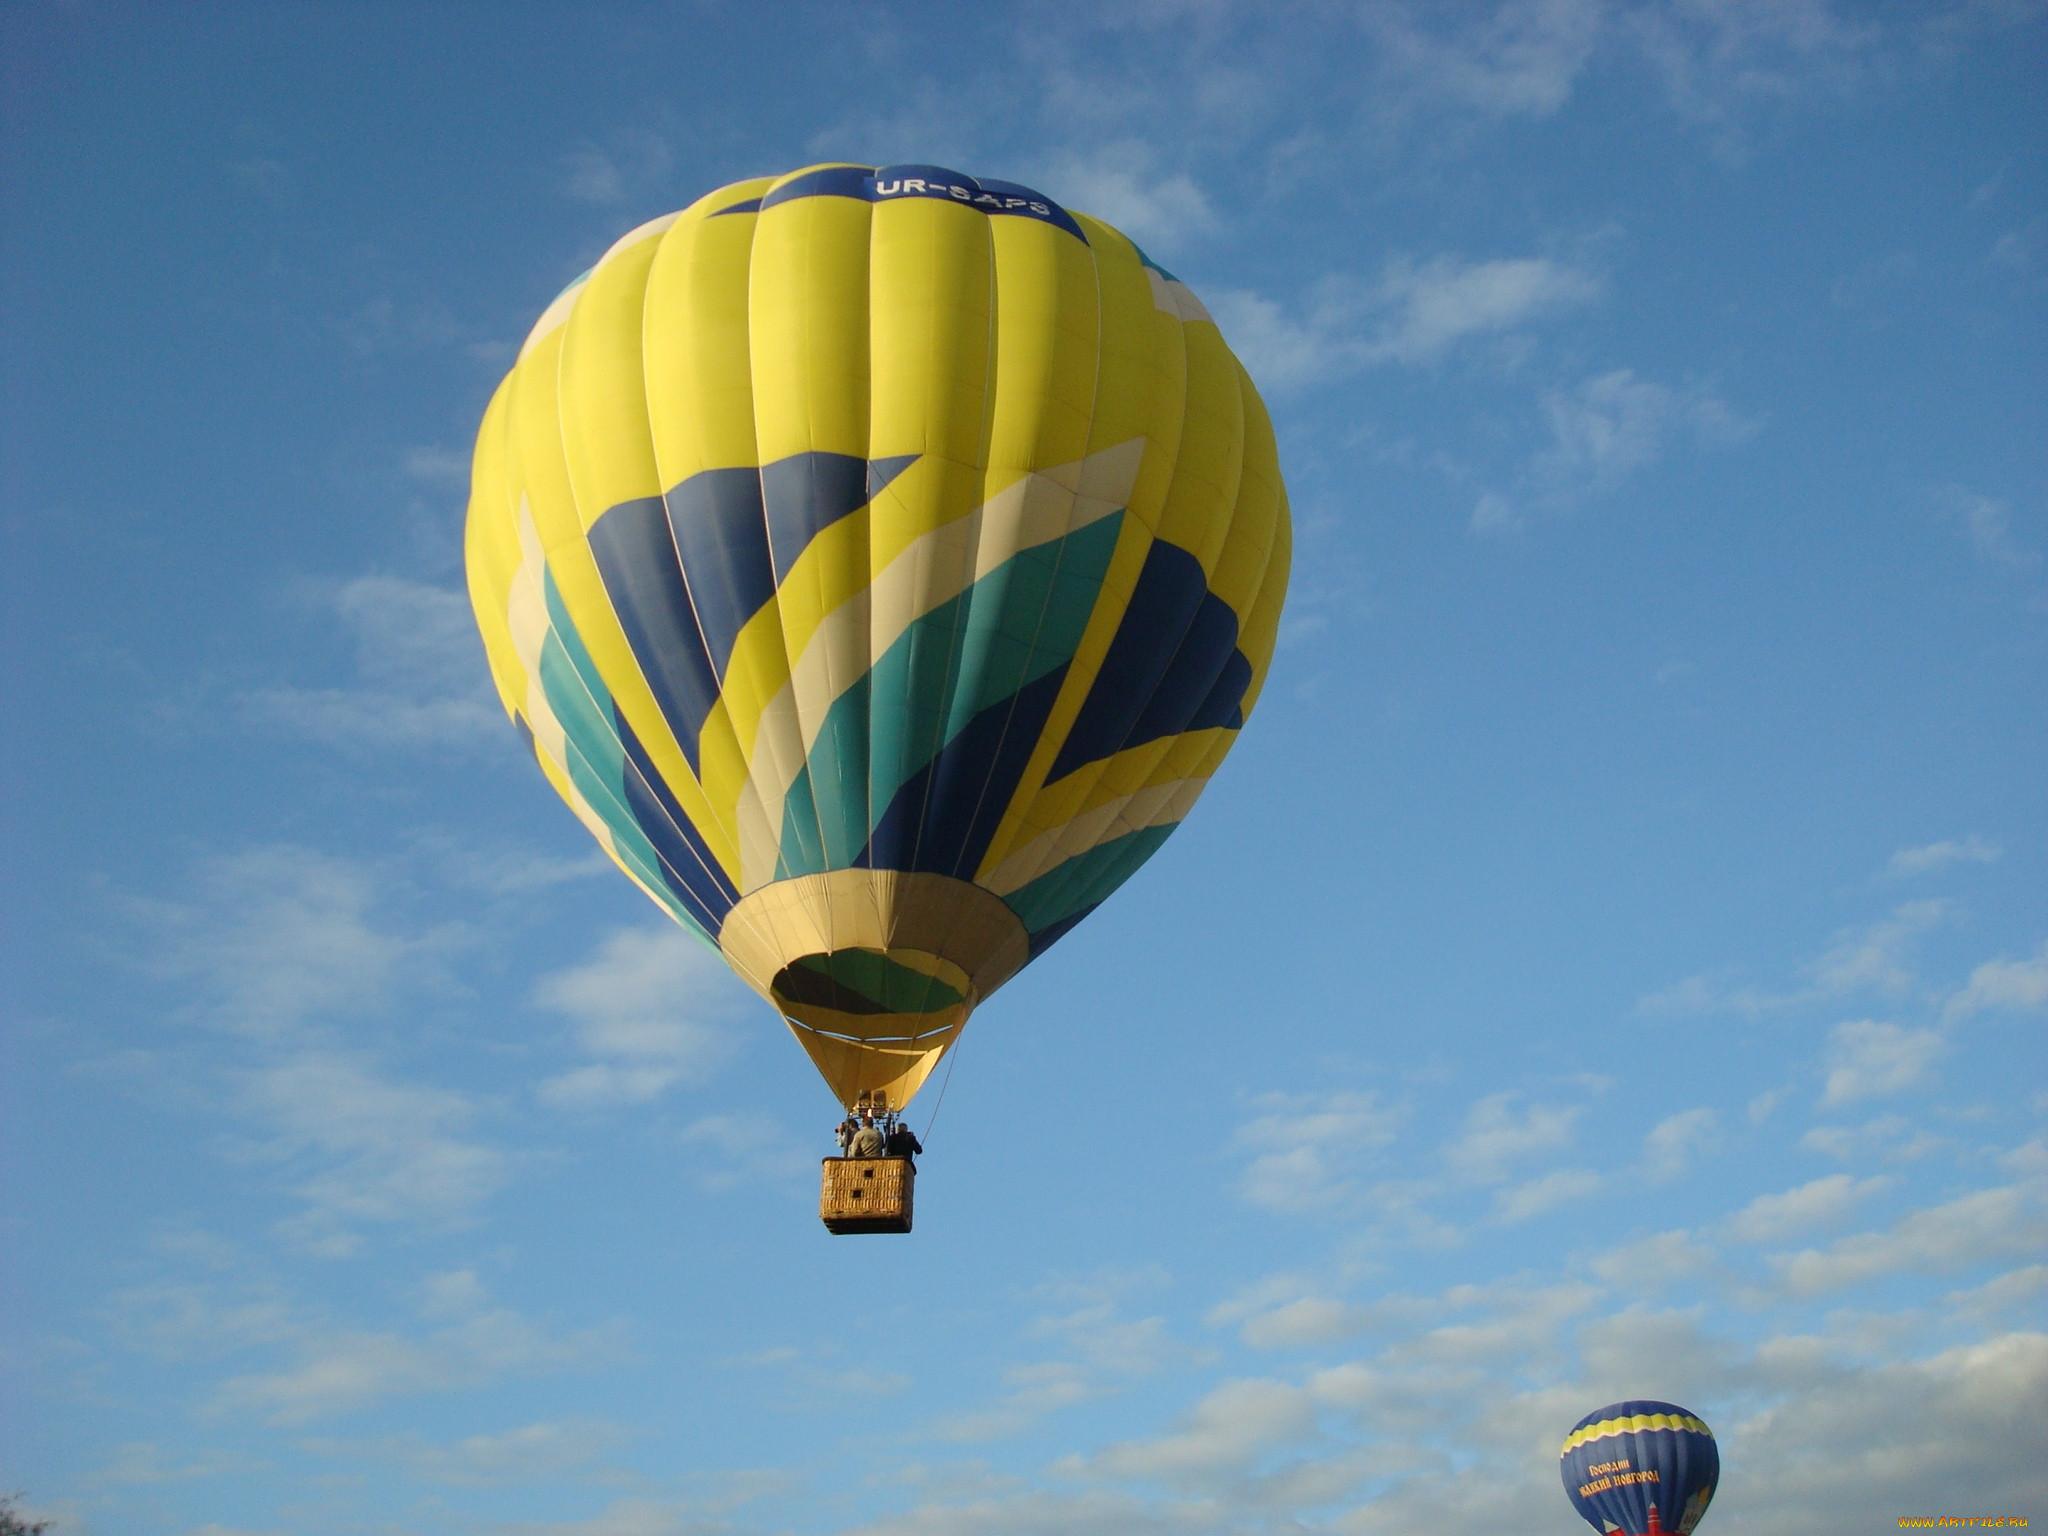 один самых воздушные шары и дирижабли картинки слове кий